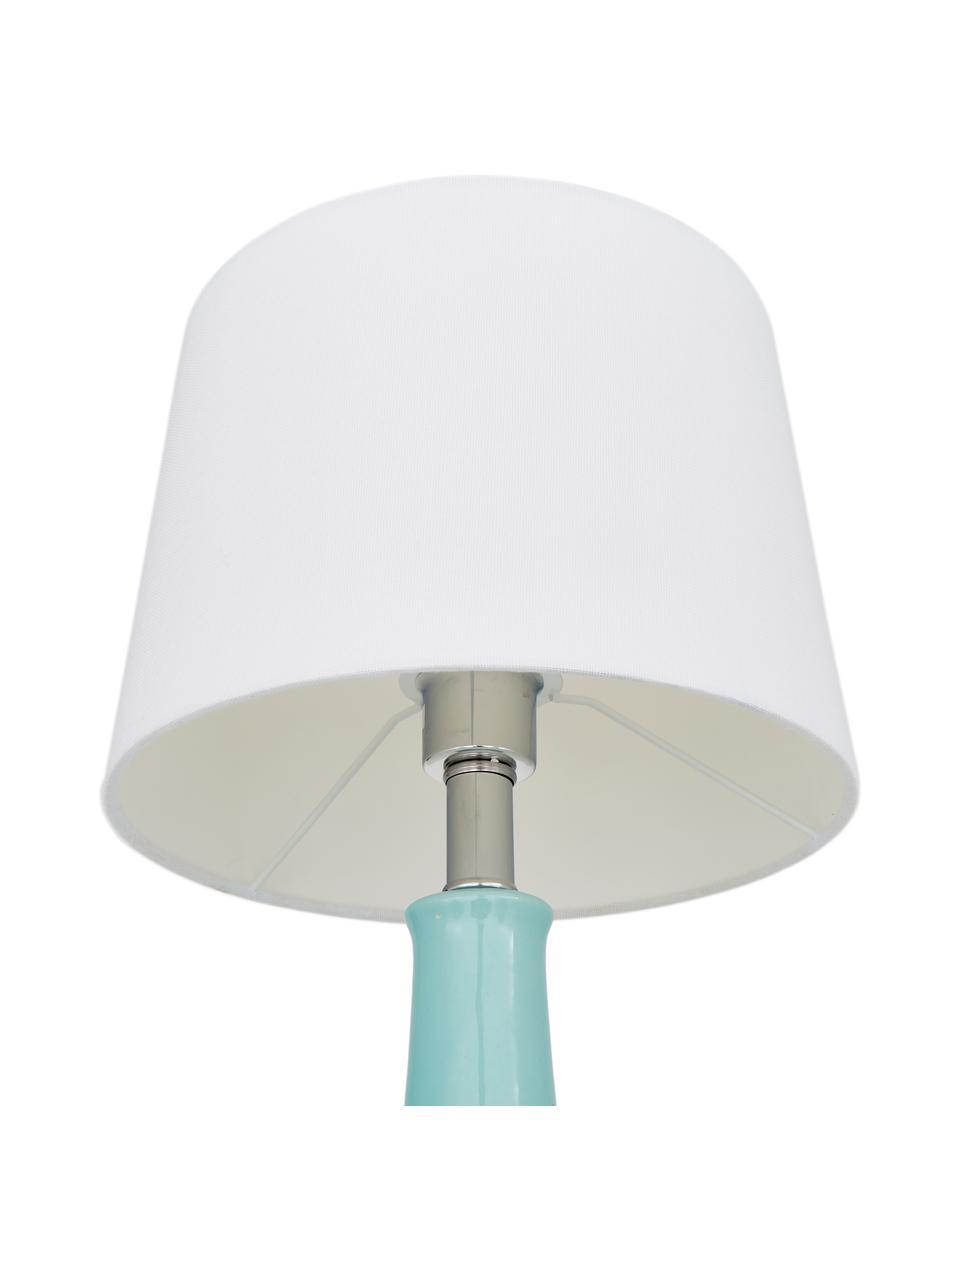 Lampada da tavolo in ceramica Brittany, Paralume: tessuto, Base della lampada: ceramica, Bianco, turchese, Ø 28 x Alt. 48 cm